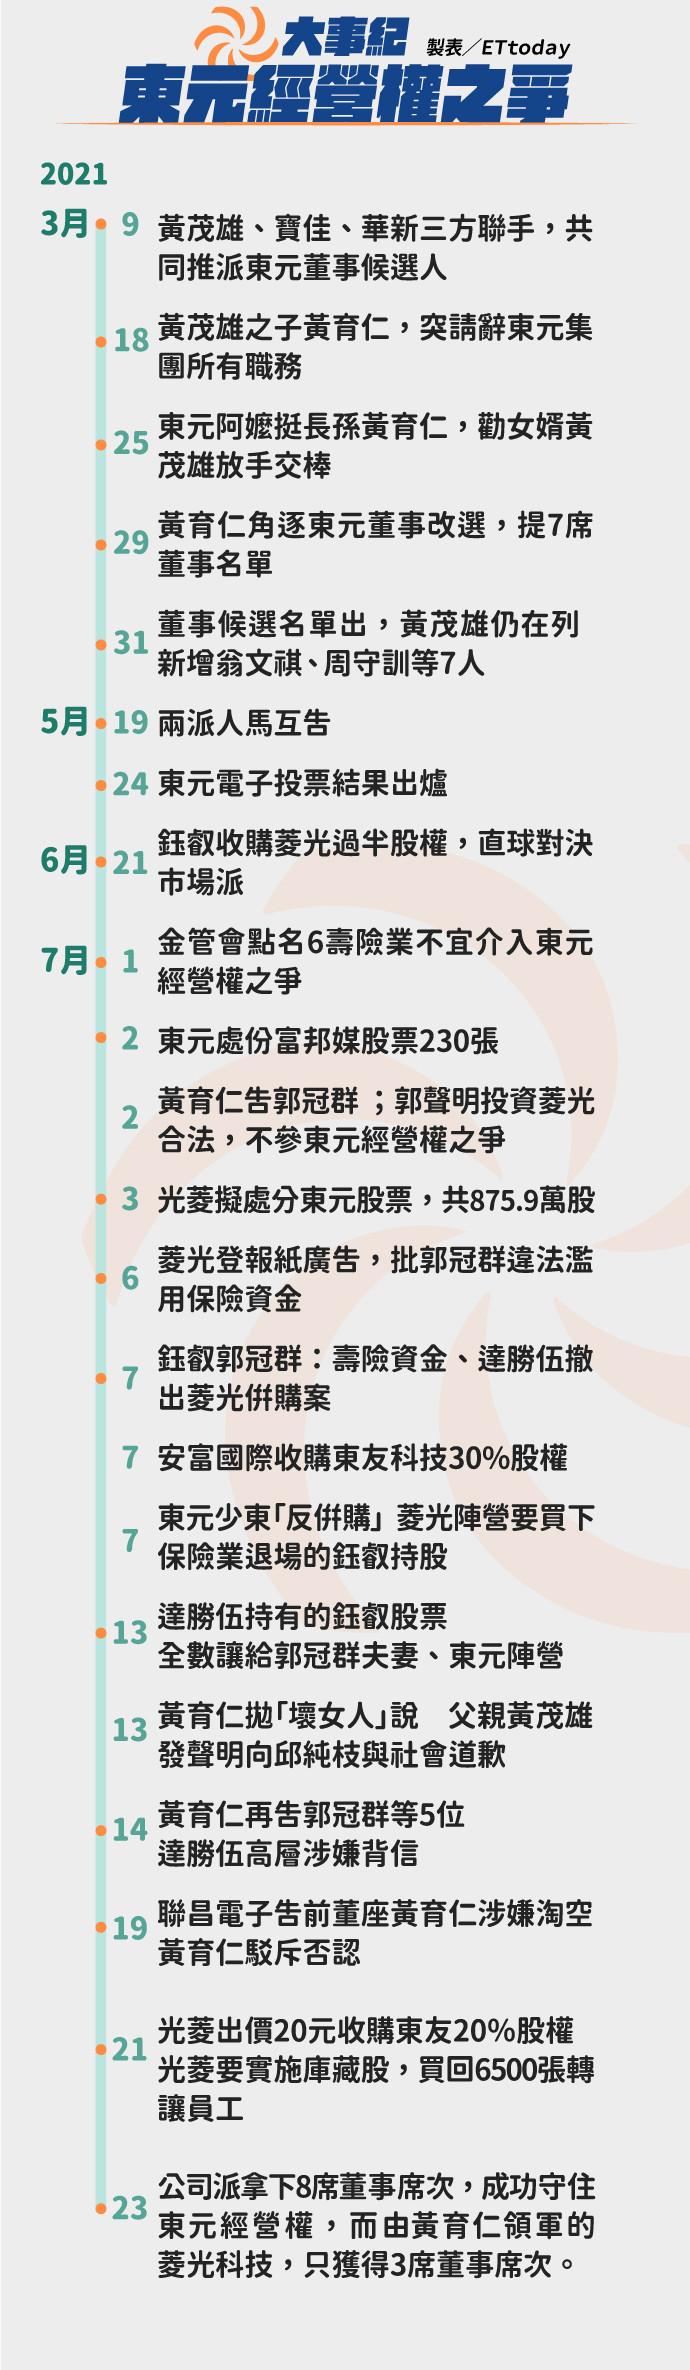 東元,經營權,菱光,公司法,公司治理,黃育仁,黃茂雄,股東會,鈺叡